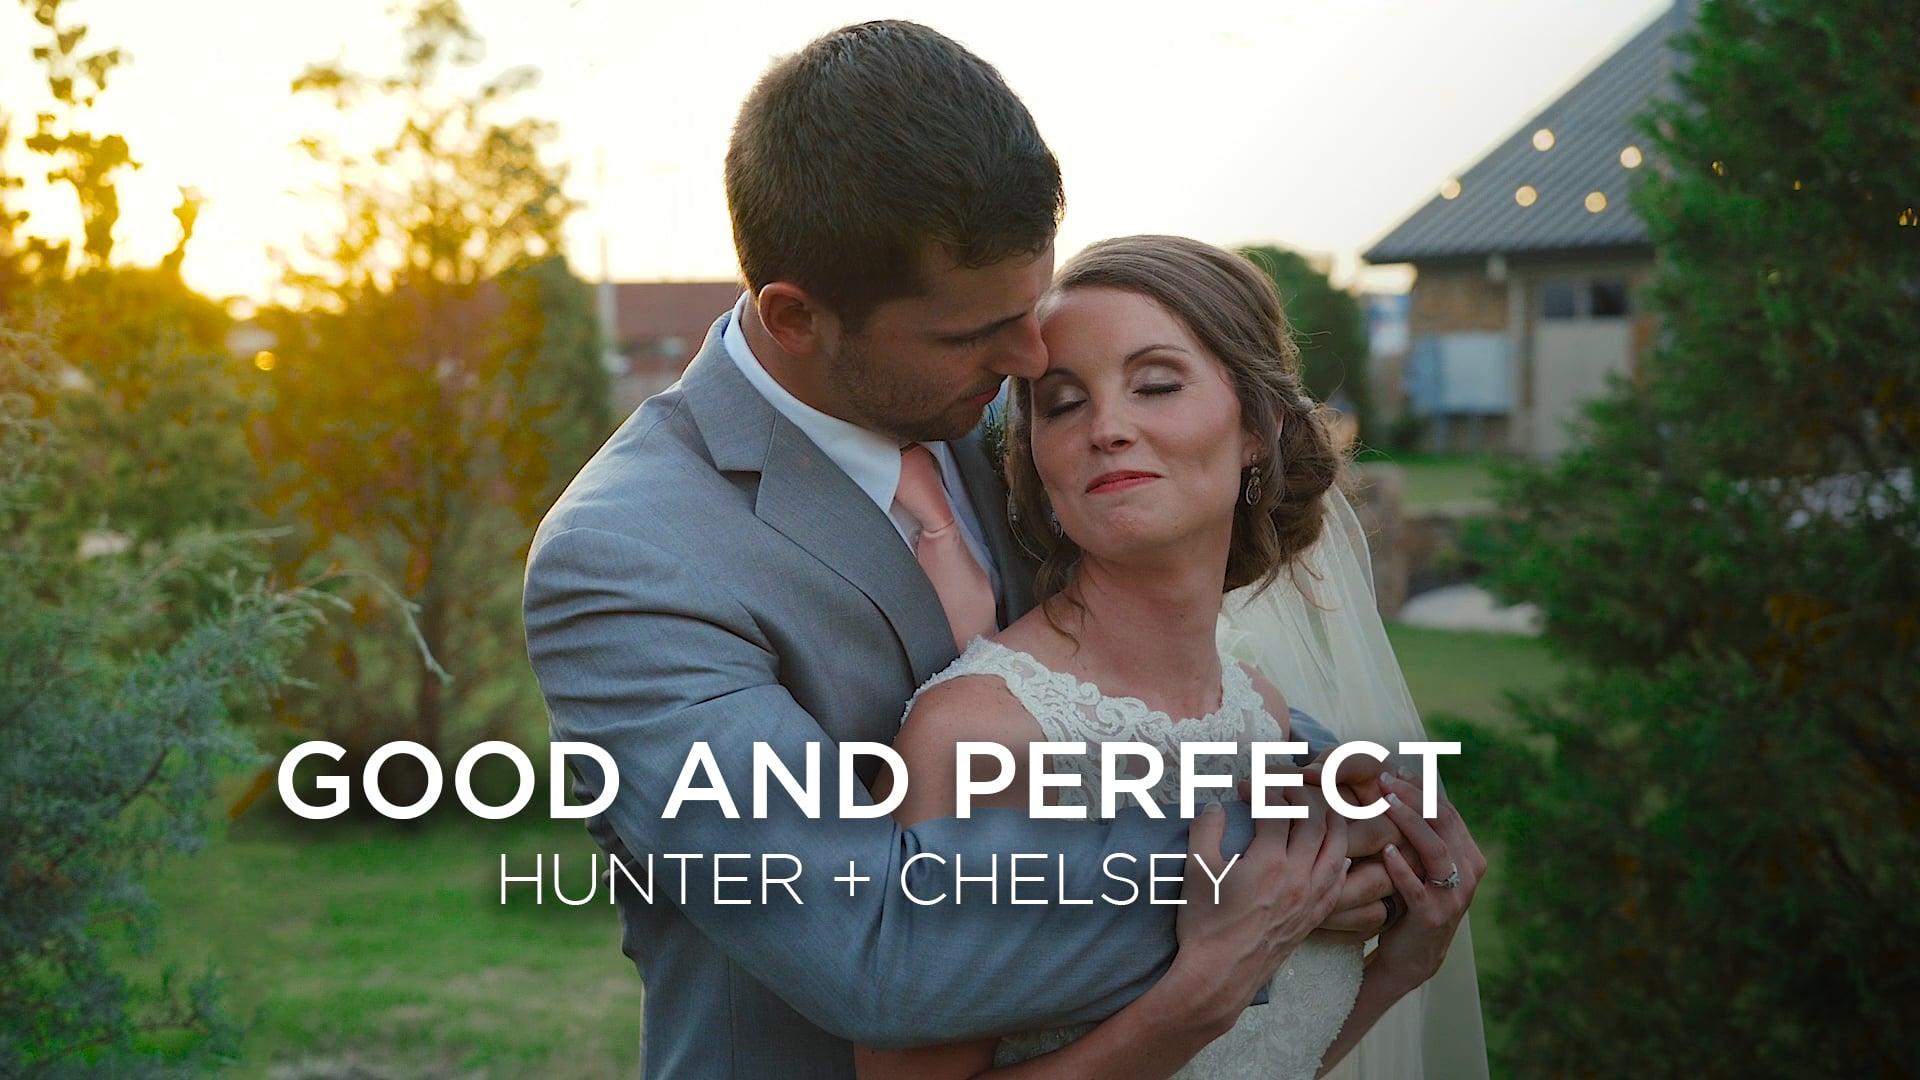 Hunter + Chelsey